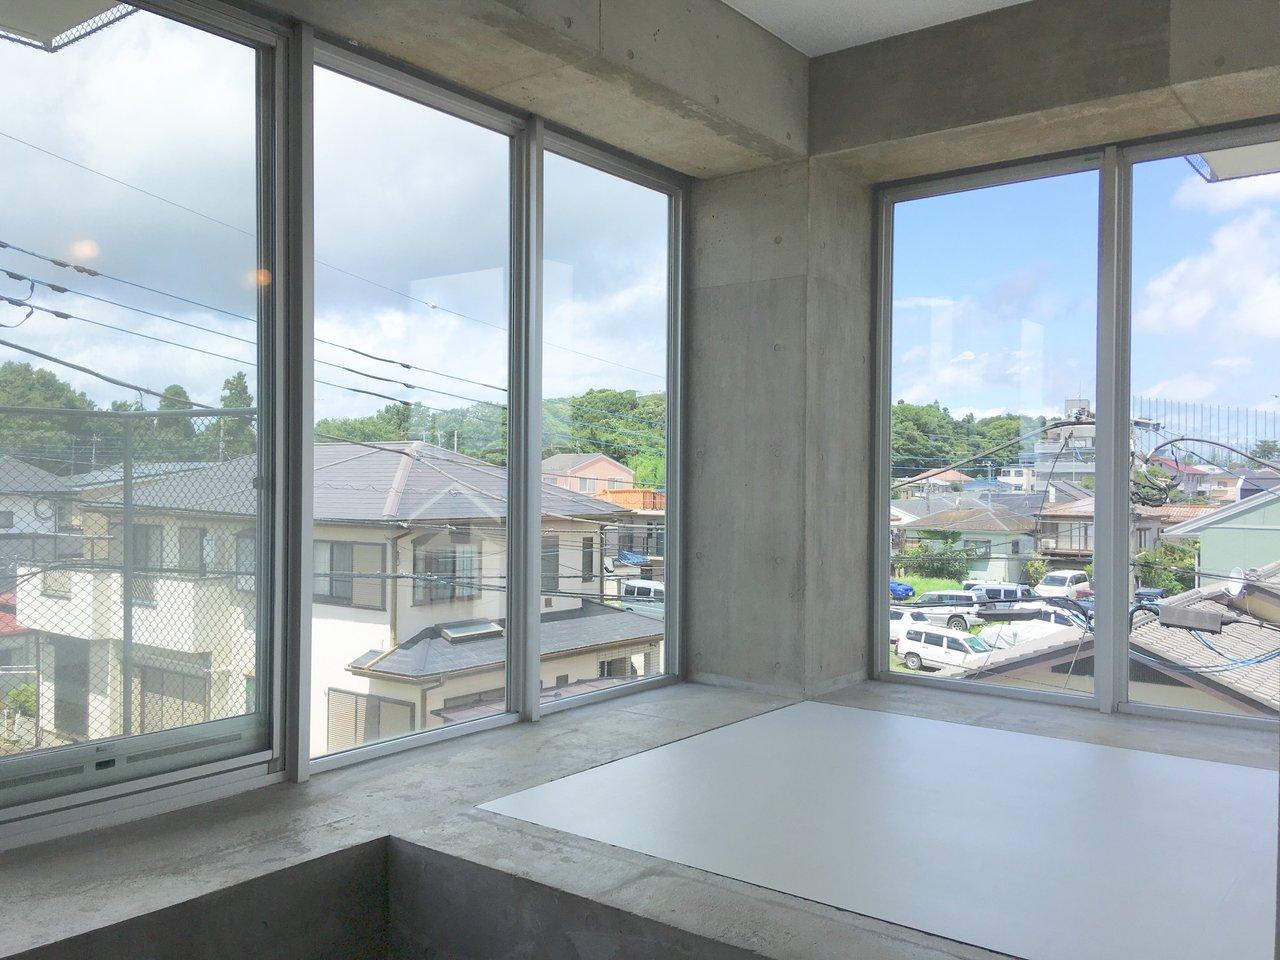 開放的な暮らしが待っている。二面採光の「窓」が特徴的なお部屋まとめ